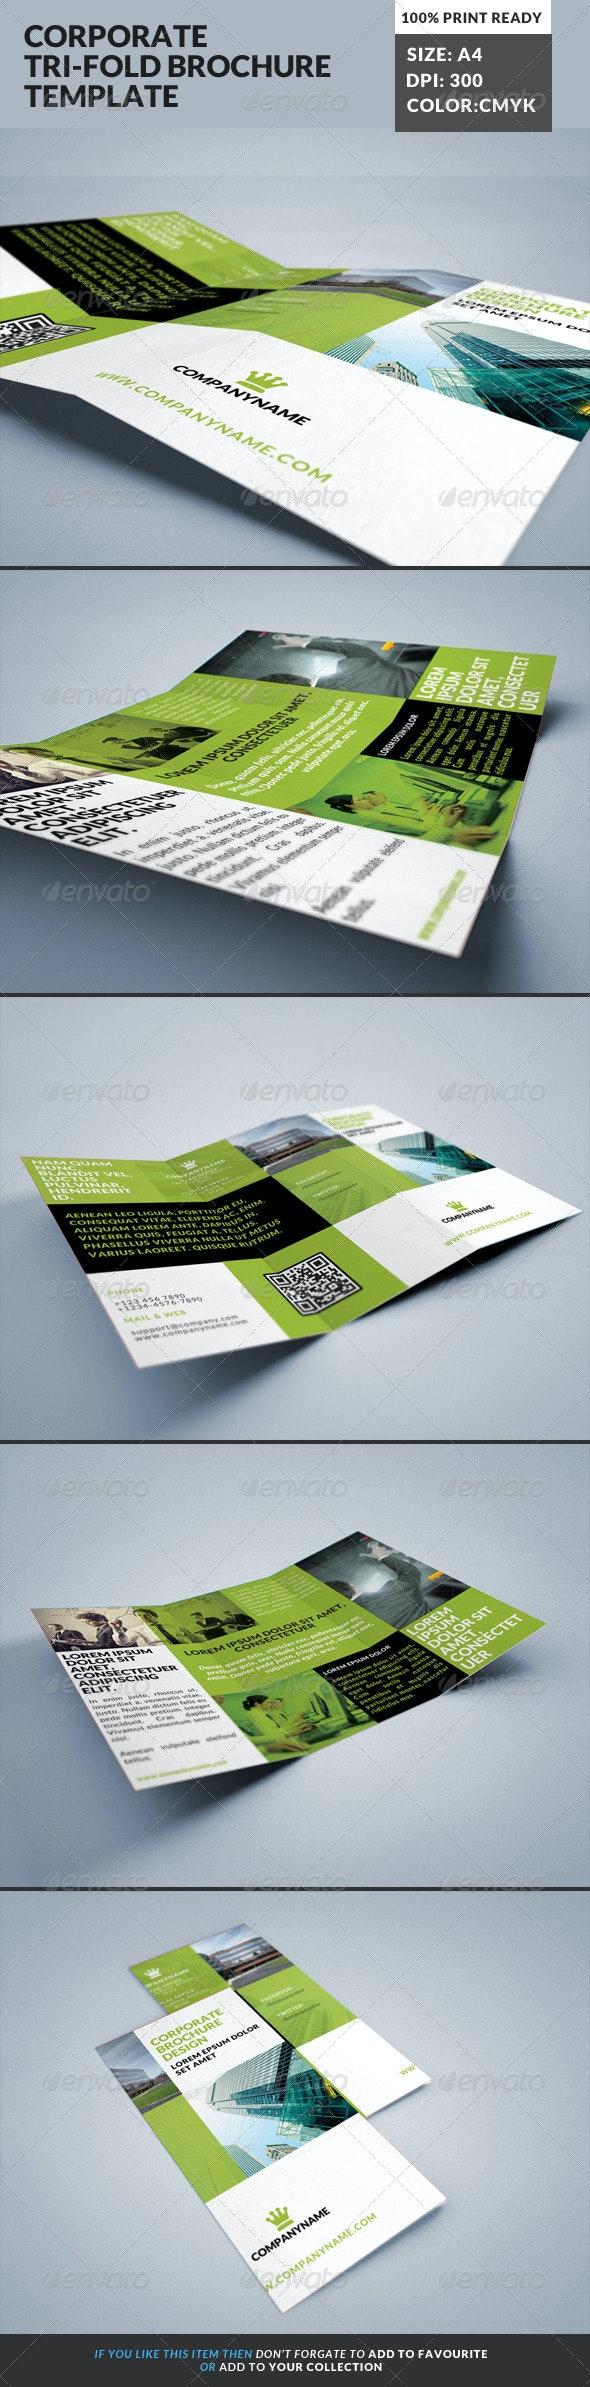 Corporate Tri-Fold Brochures Template 17 - Corporate Brochures